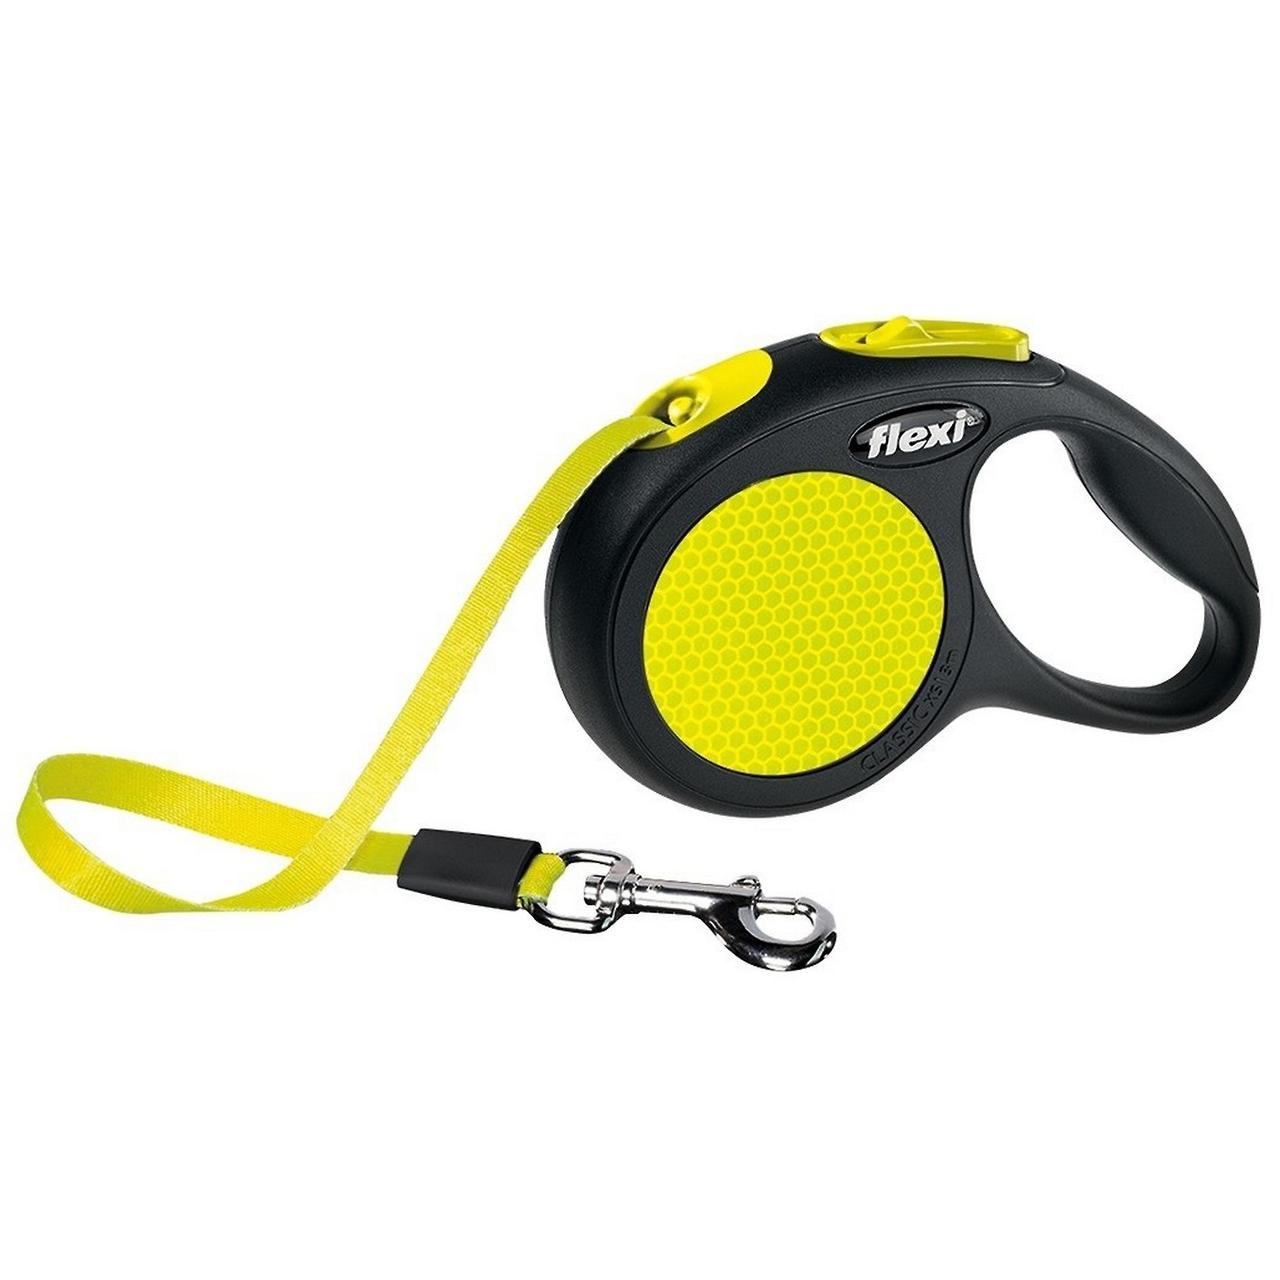 Поводок рулетка FLEXI Neon S, для собак вагою до 15 кг, стрічка 5 метрів